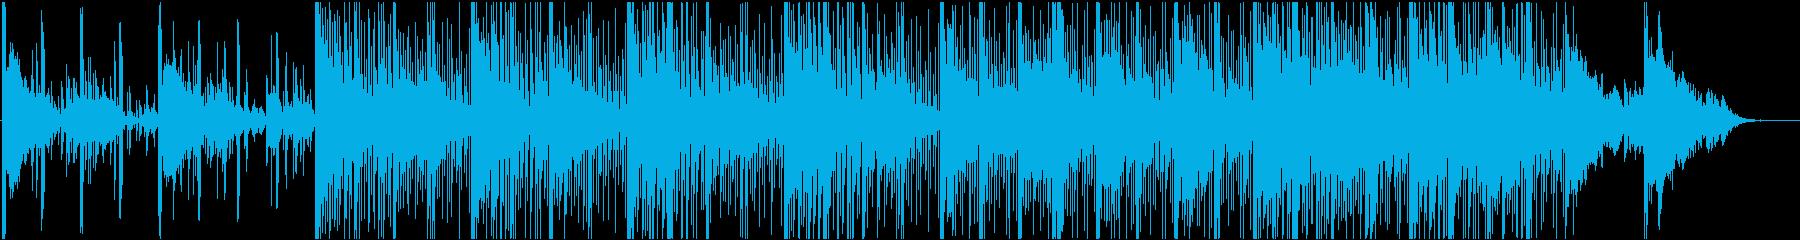 事件 問題 16bit48kHzVerの再生済みの波形